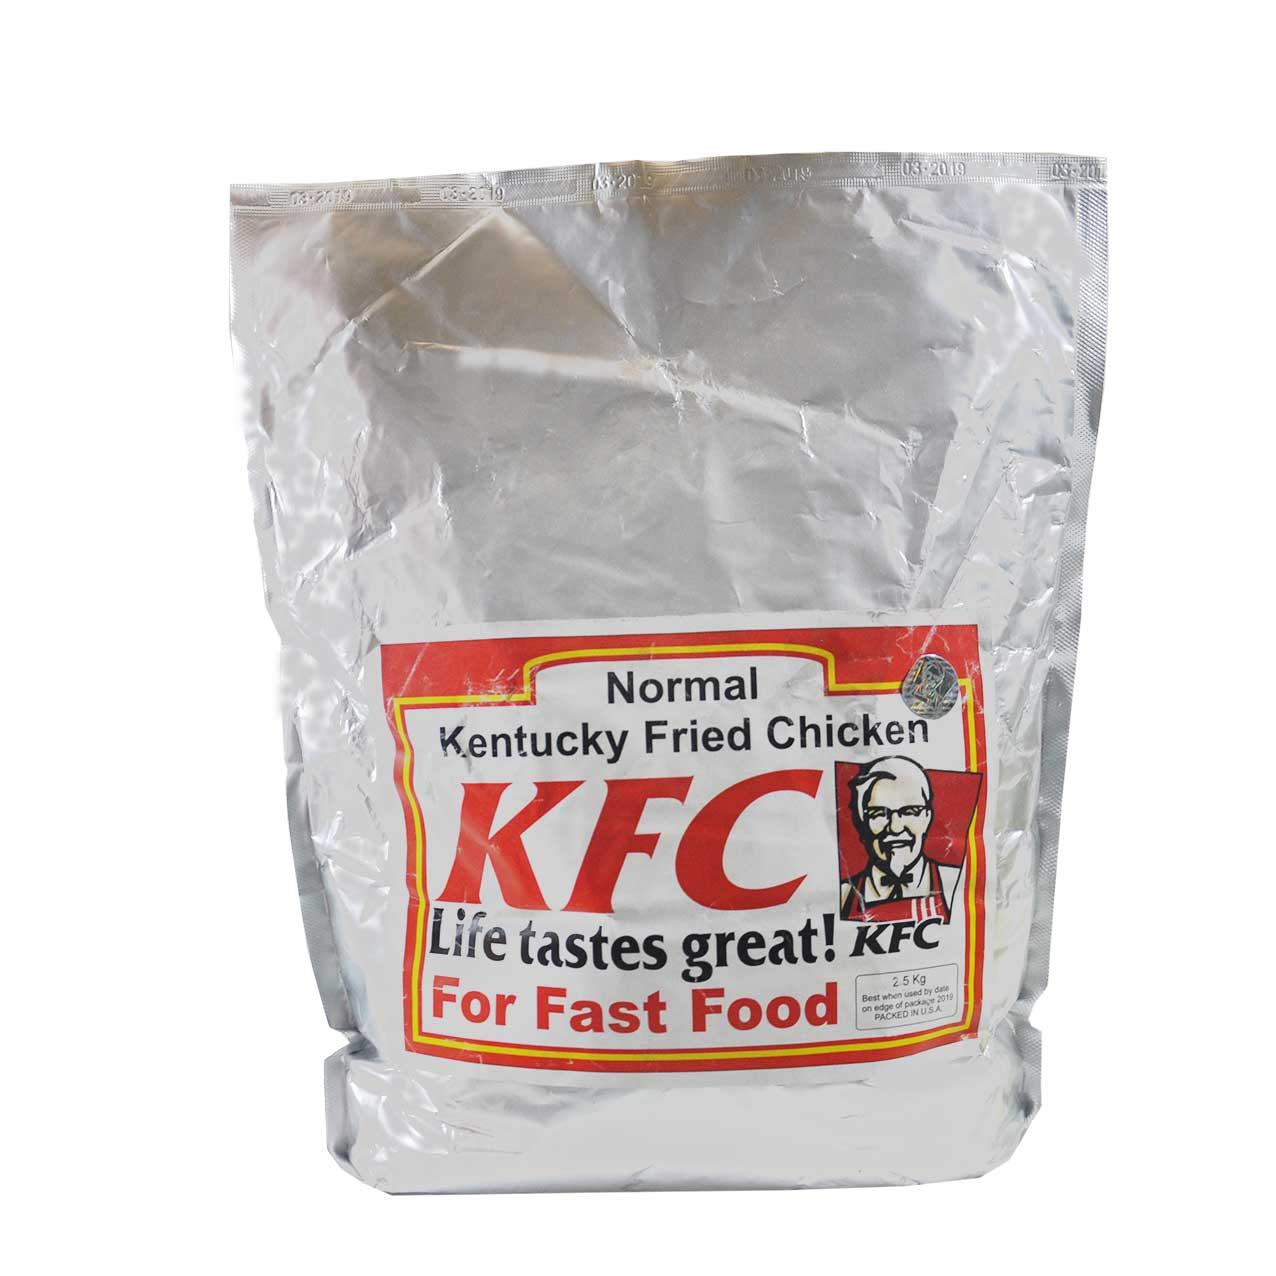 آرد سوخاری ساده کی اف سی ۲٫۵ کیلویی – KFC